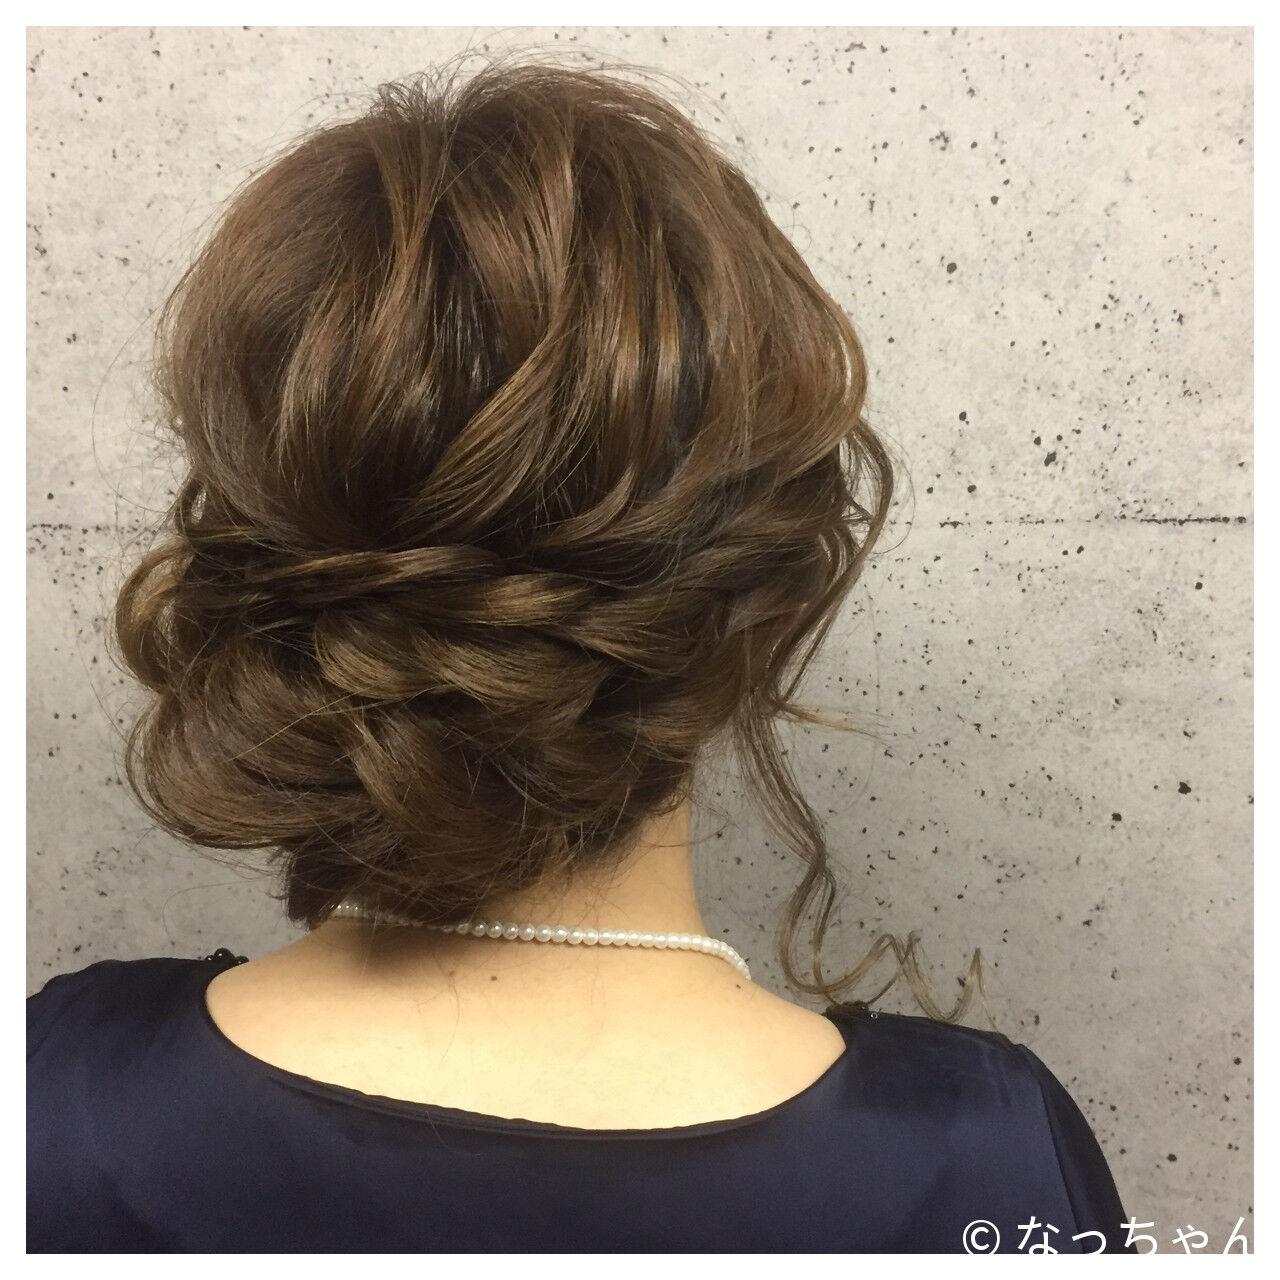 ナチュラル 結婚式 ブライダル アップスタイルヘアスタイルや髪型の写真・画像